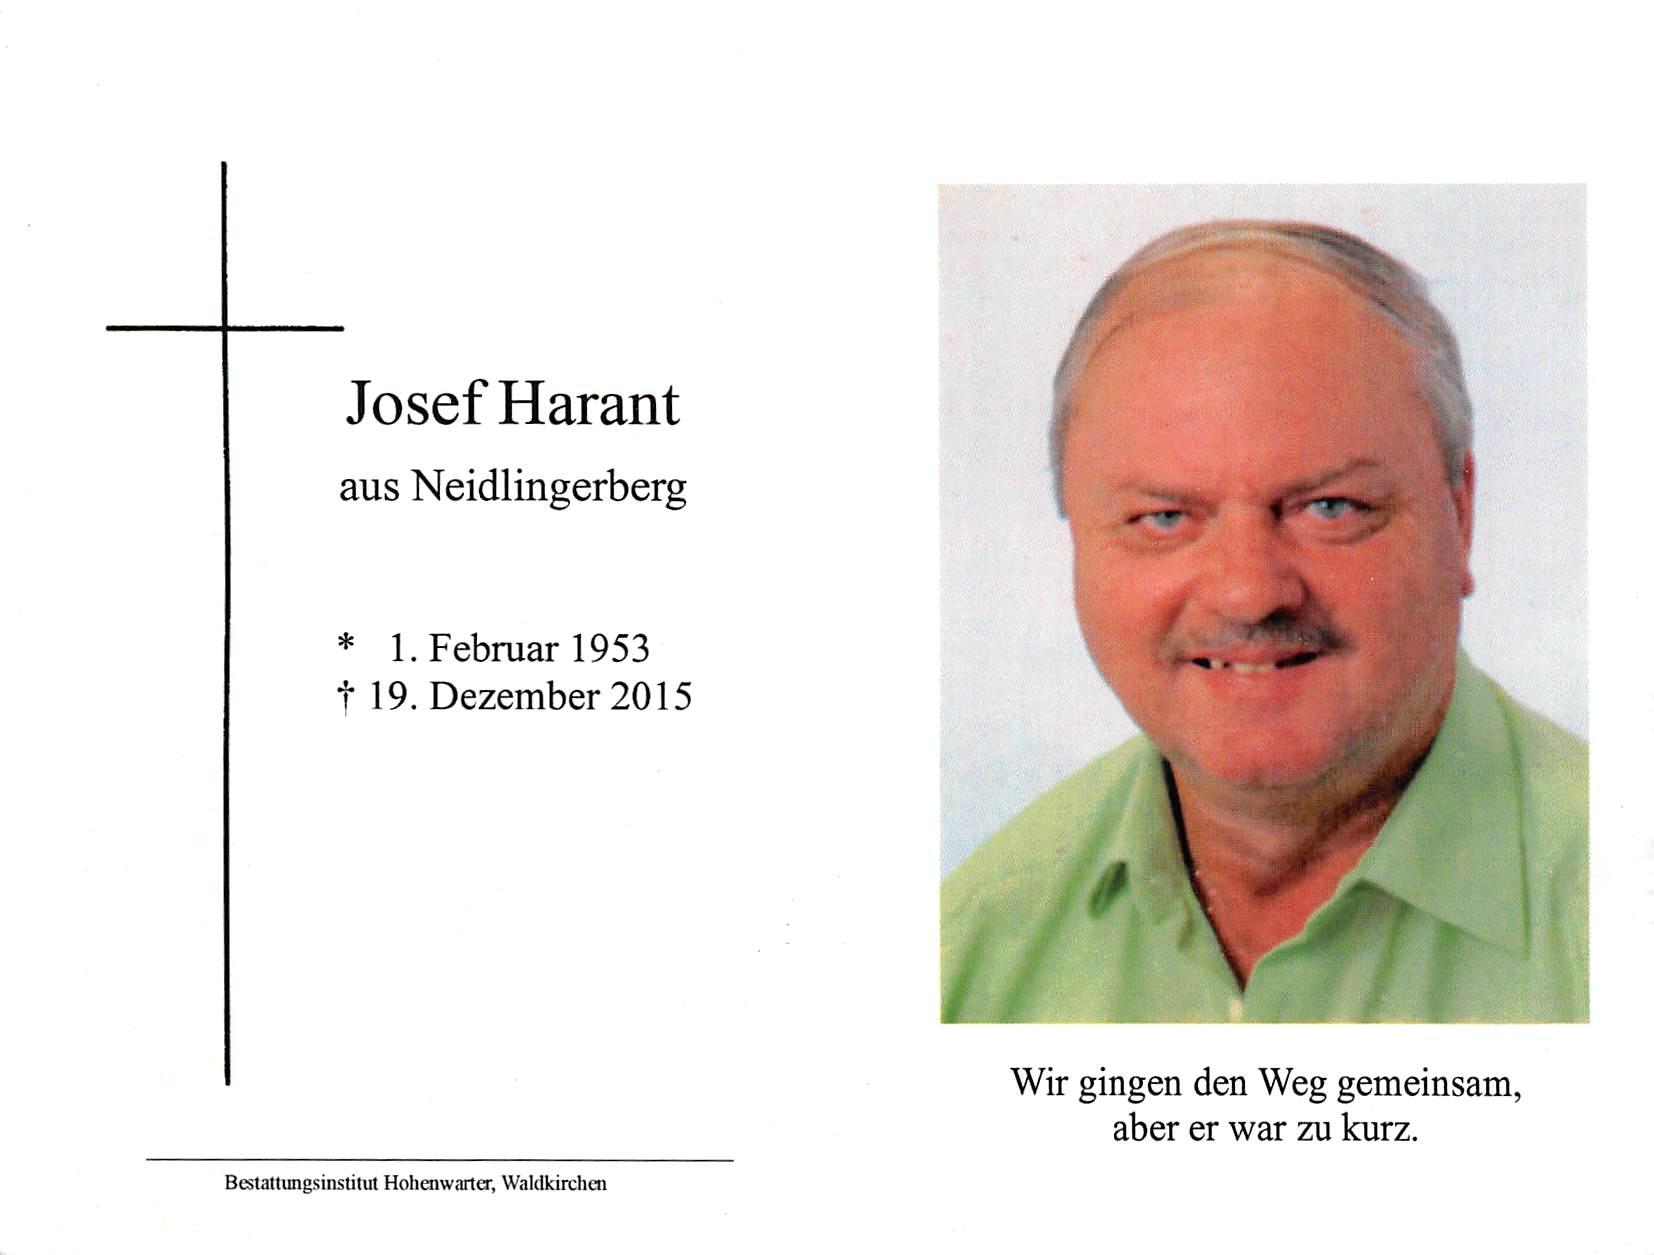 2015-12-19-Harant-Josef-Neidlingerberg